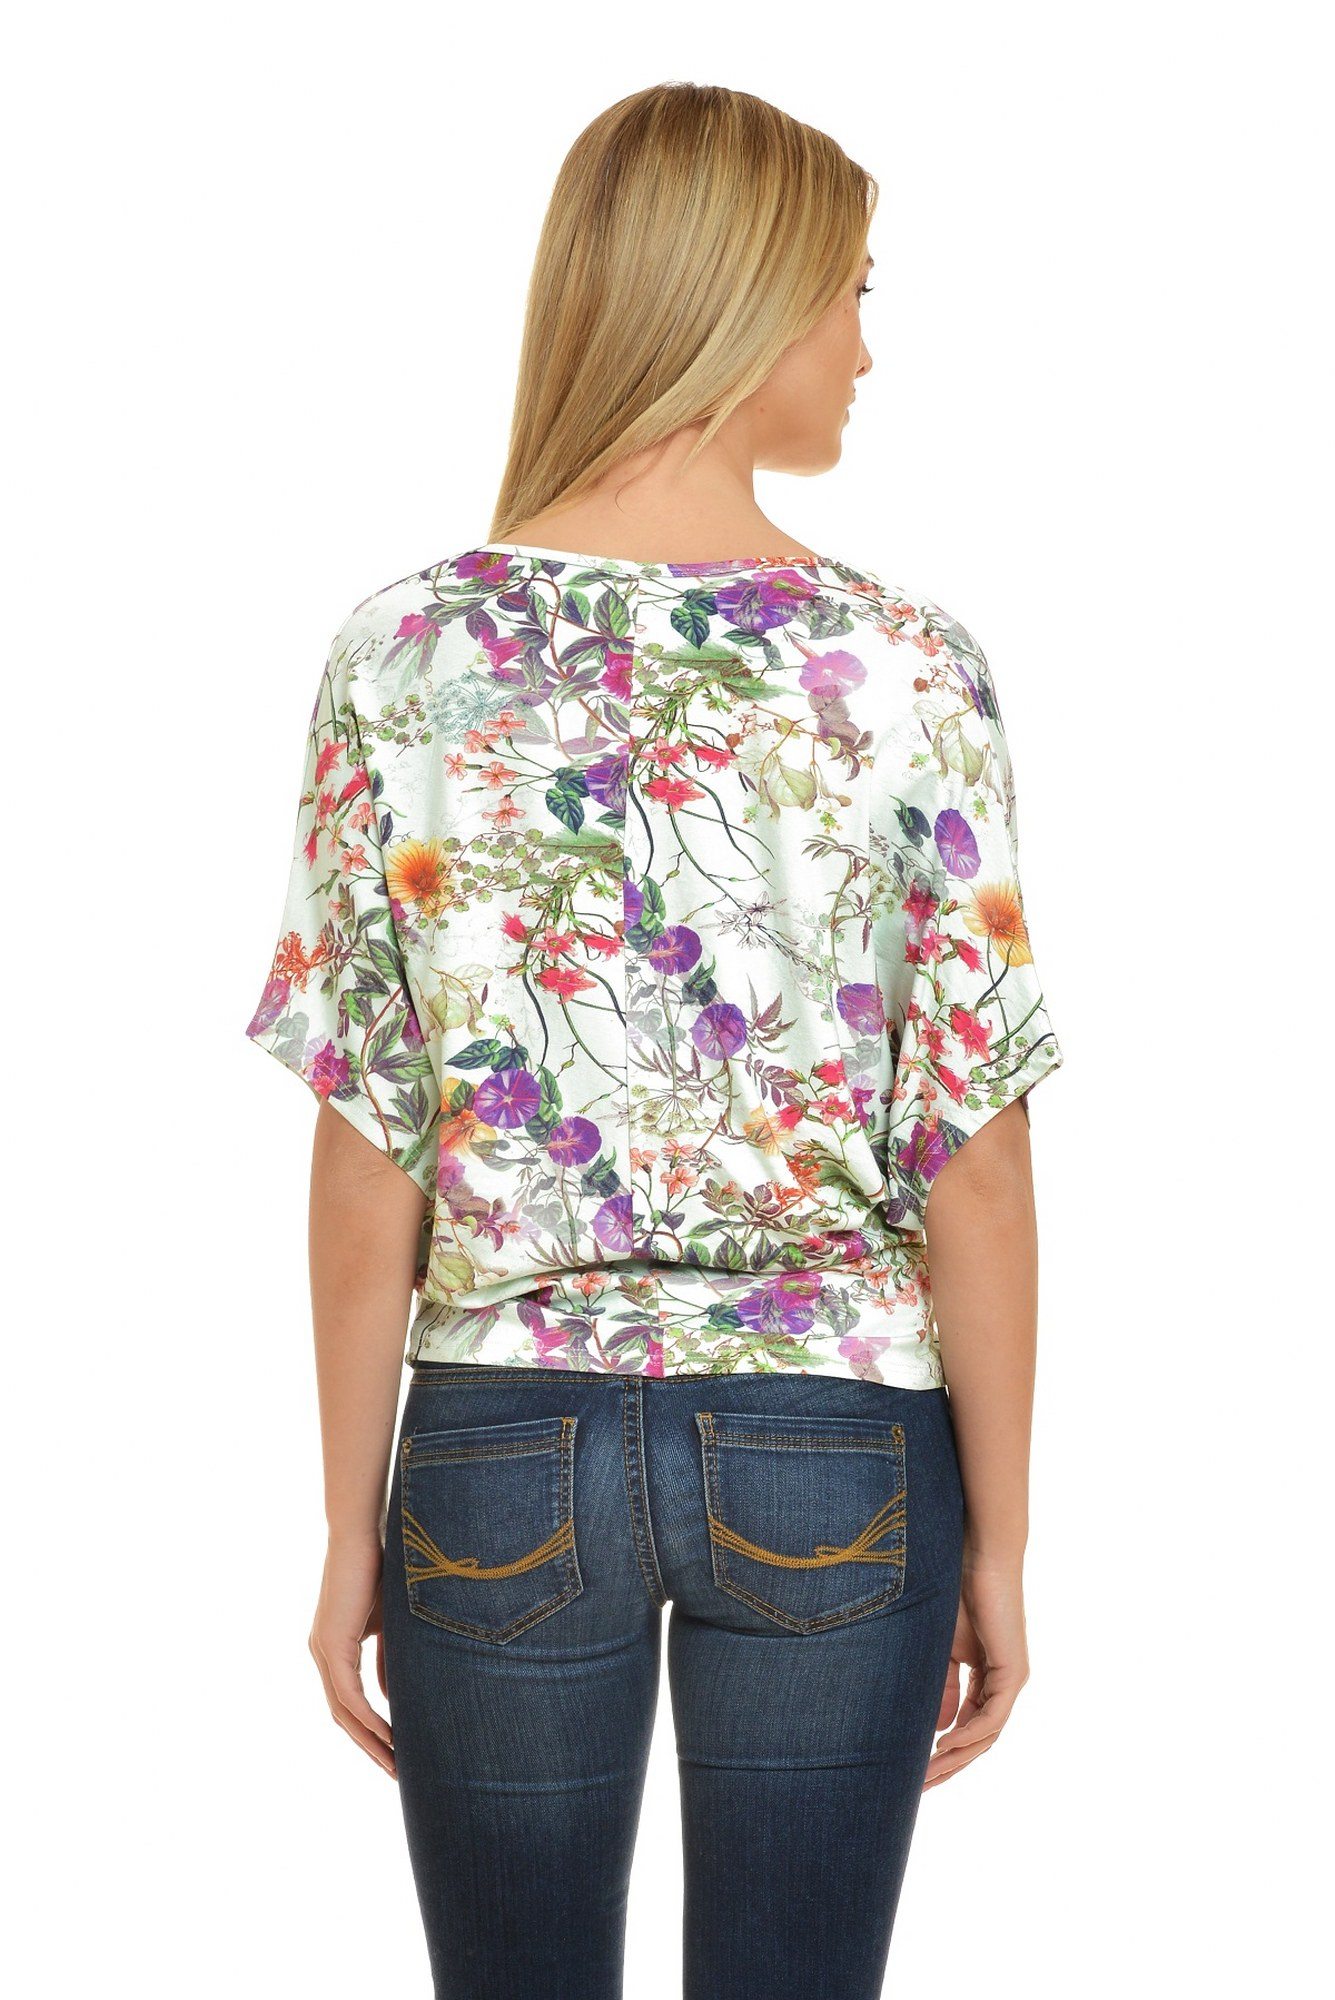 Bluza alba drapata imprimeu floral